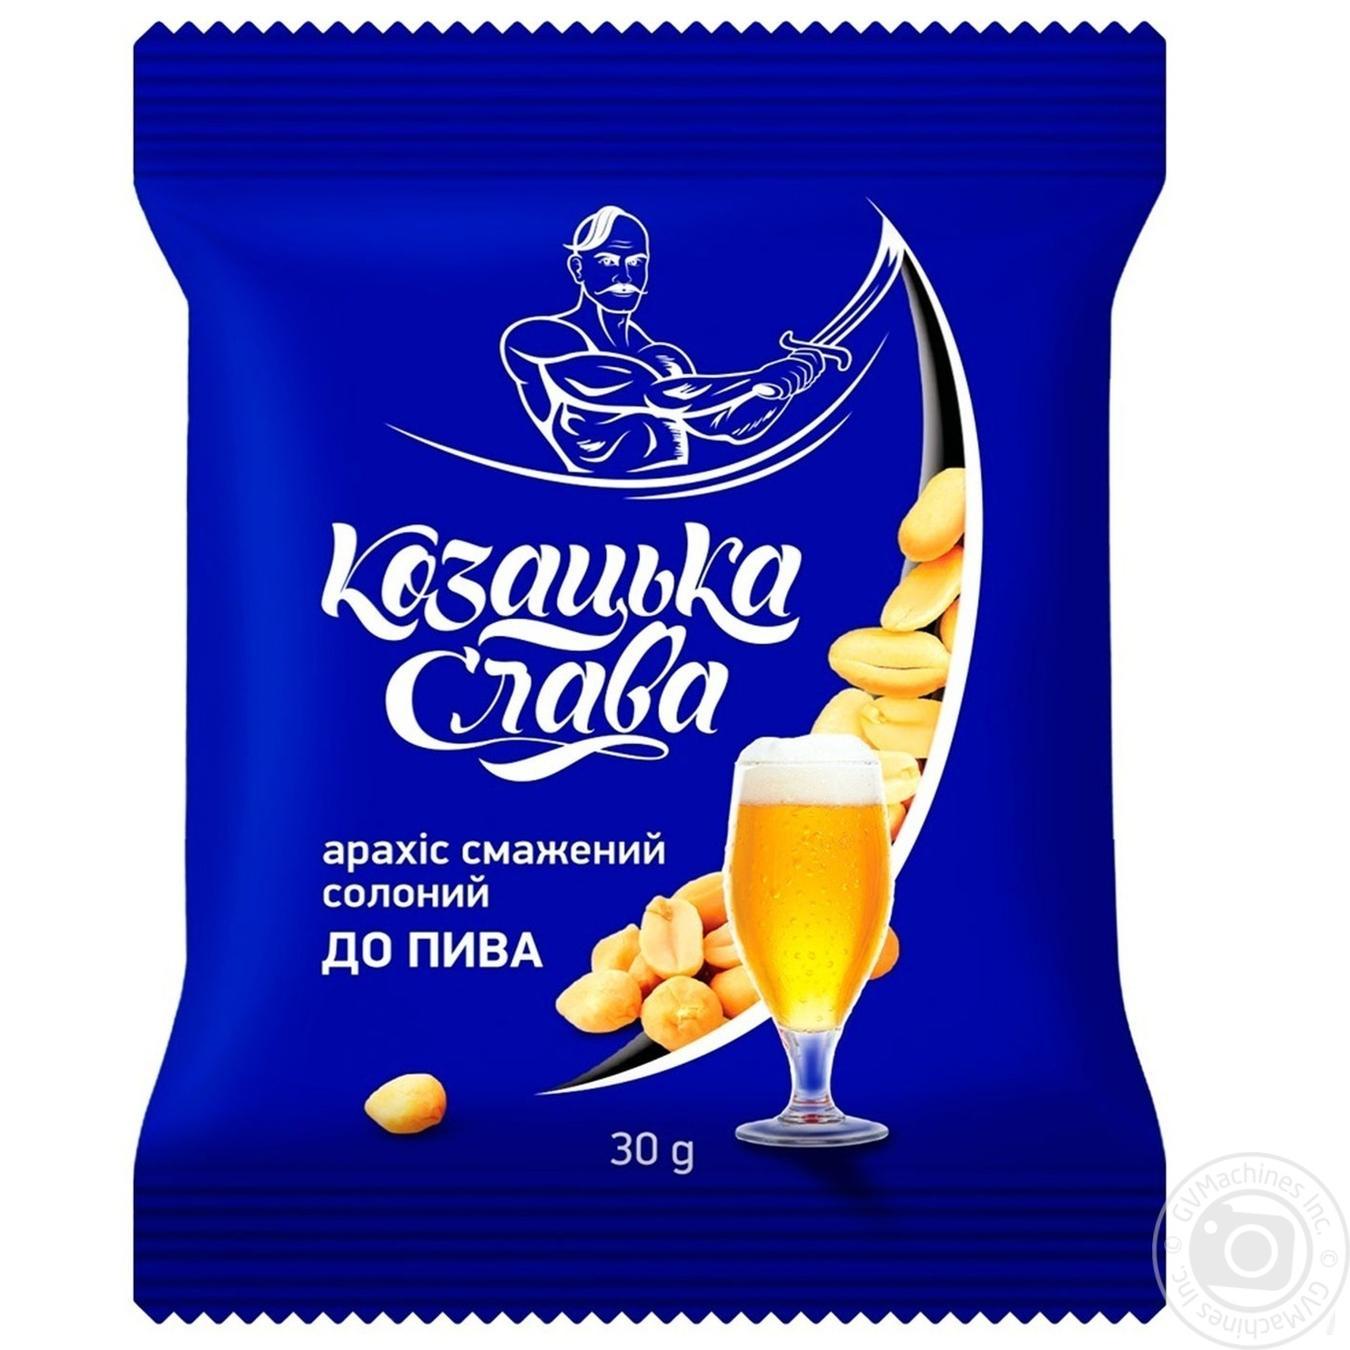 Купить 6785, Арахис Казацкая слава К пиву соленый жареный 30г, Козацька Слава